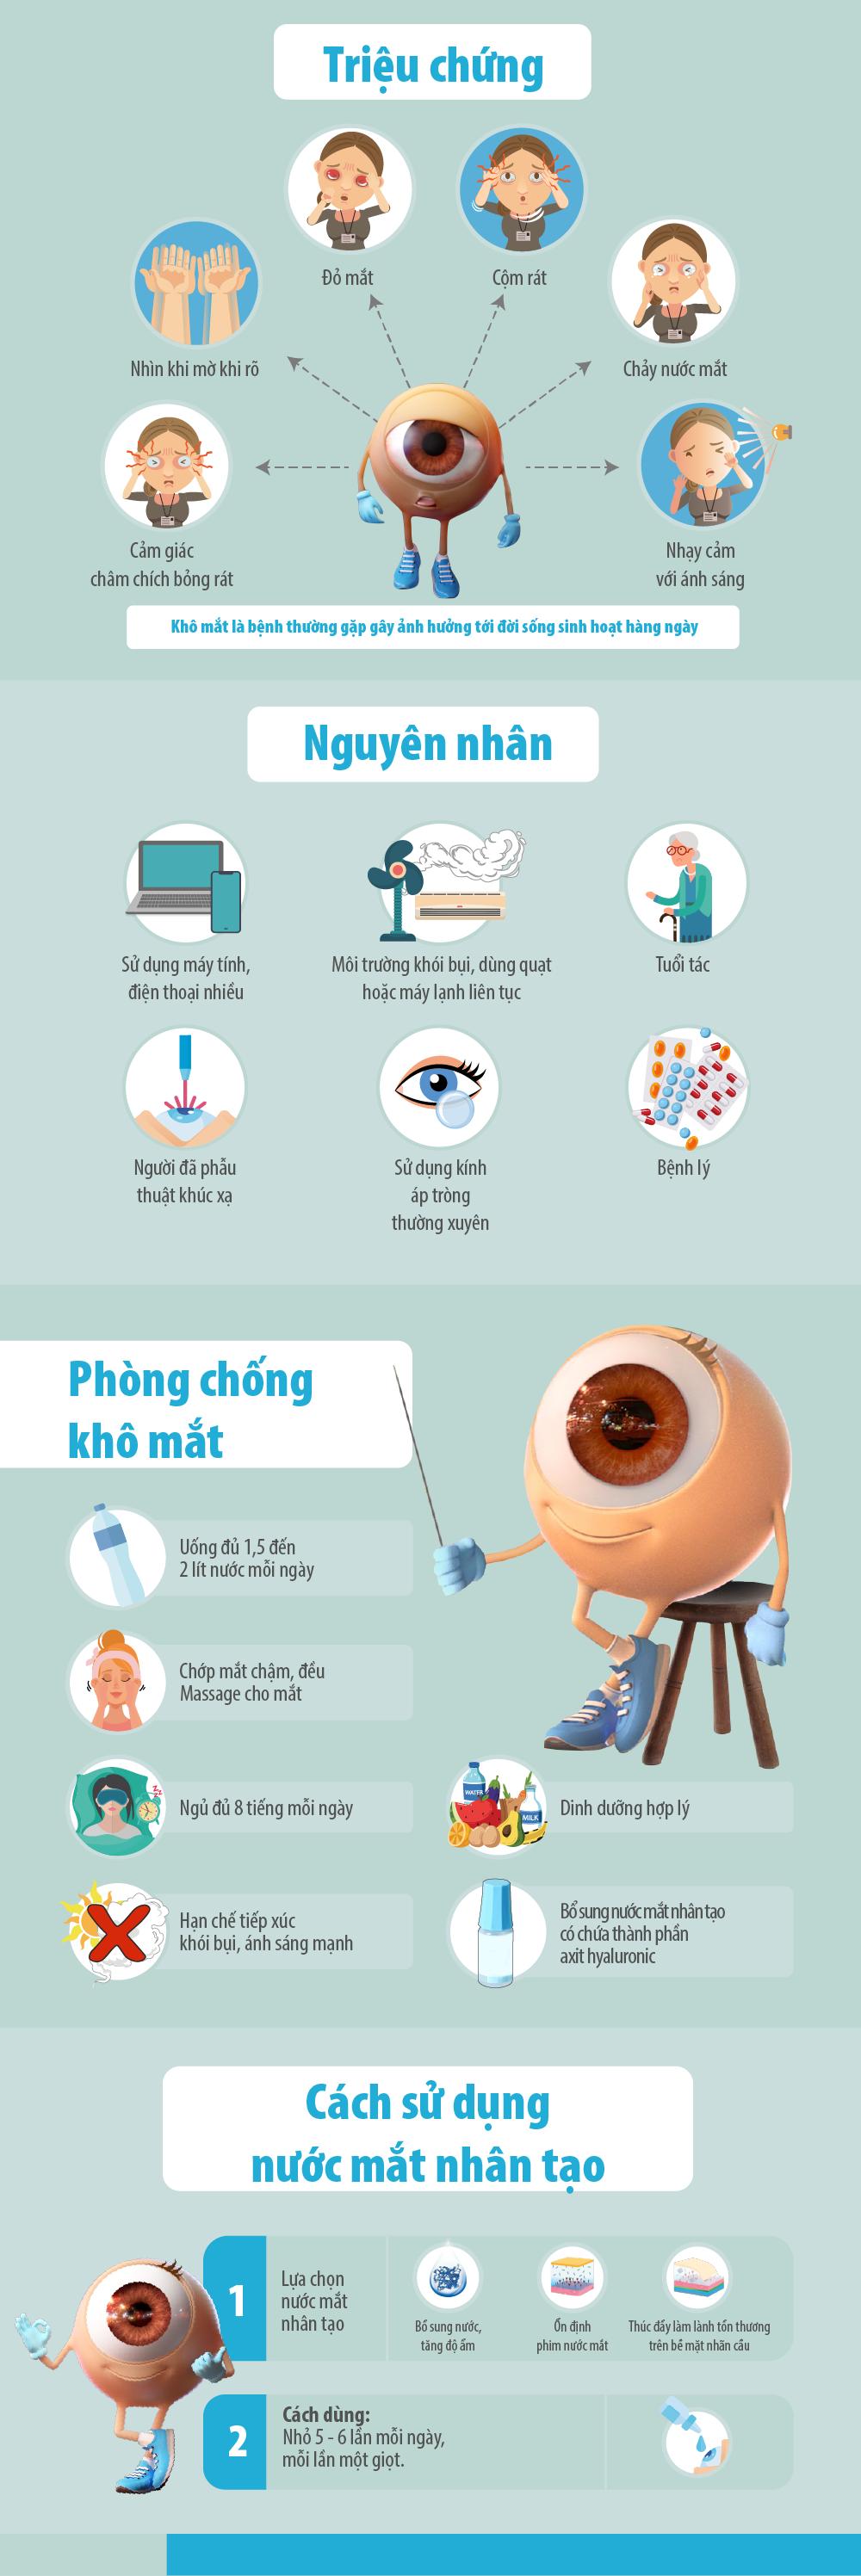 Những điều cần biết về khô mắt